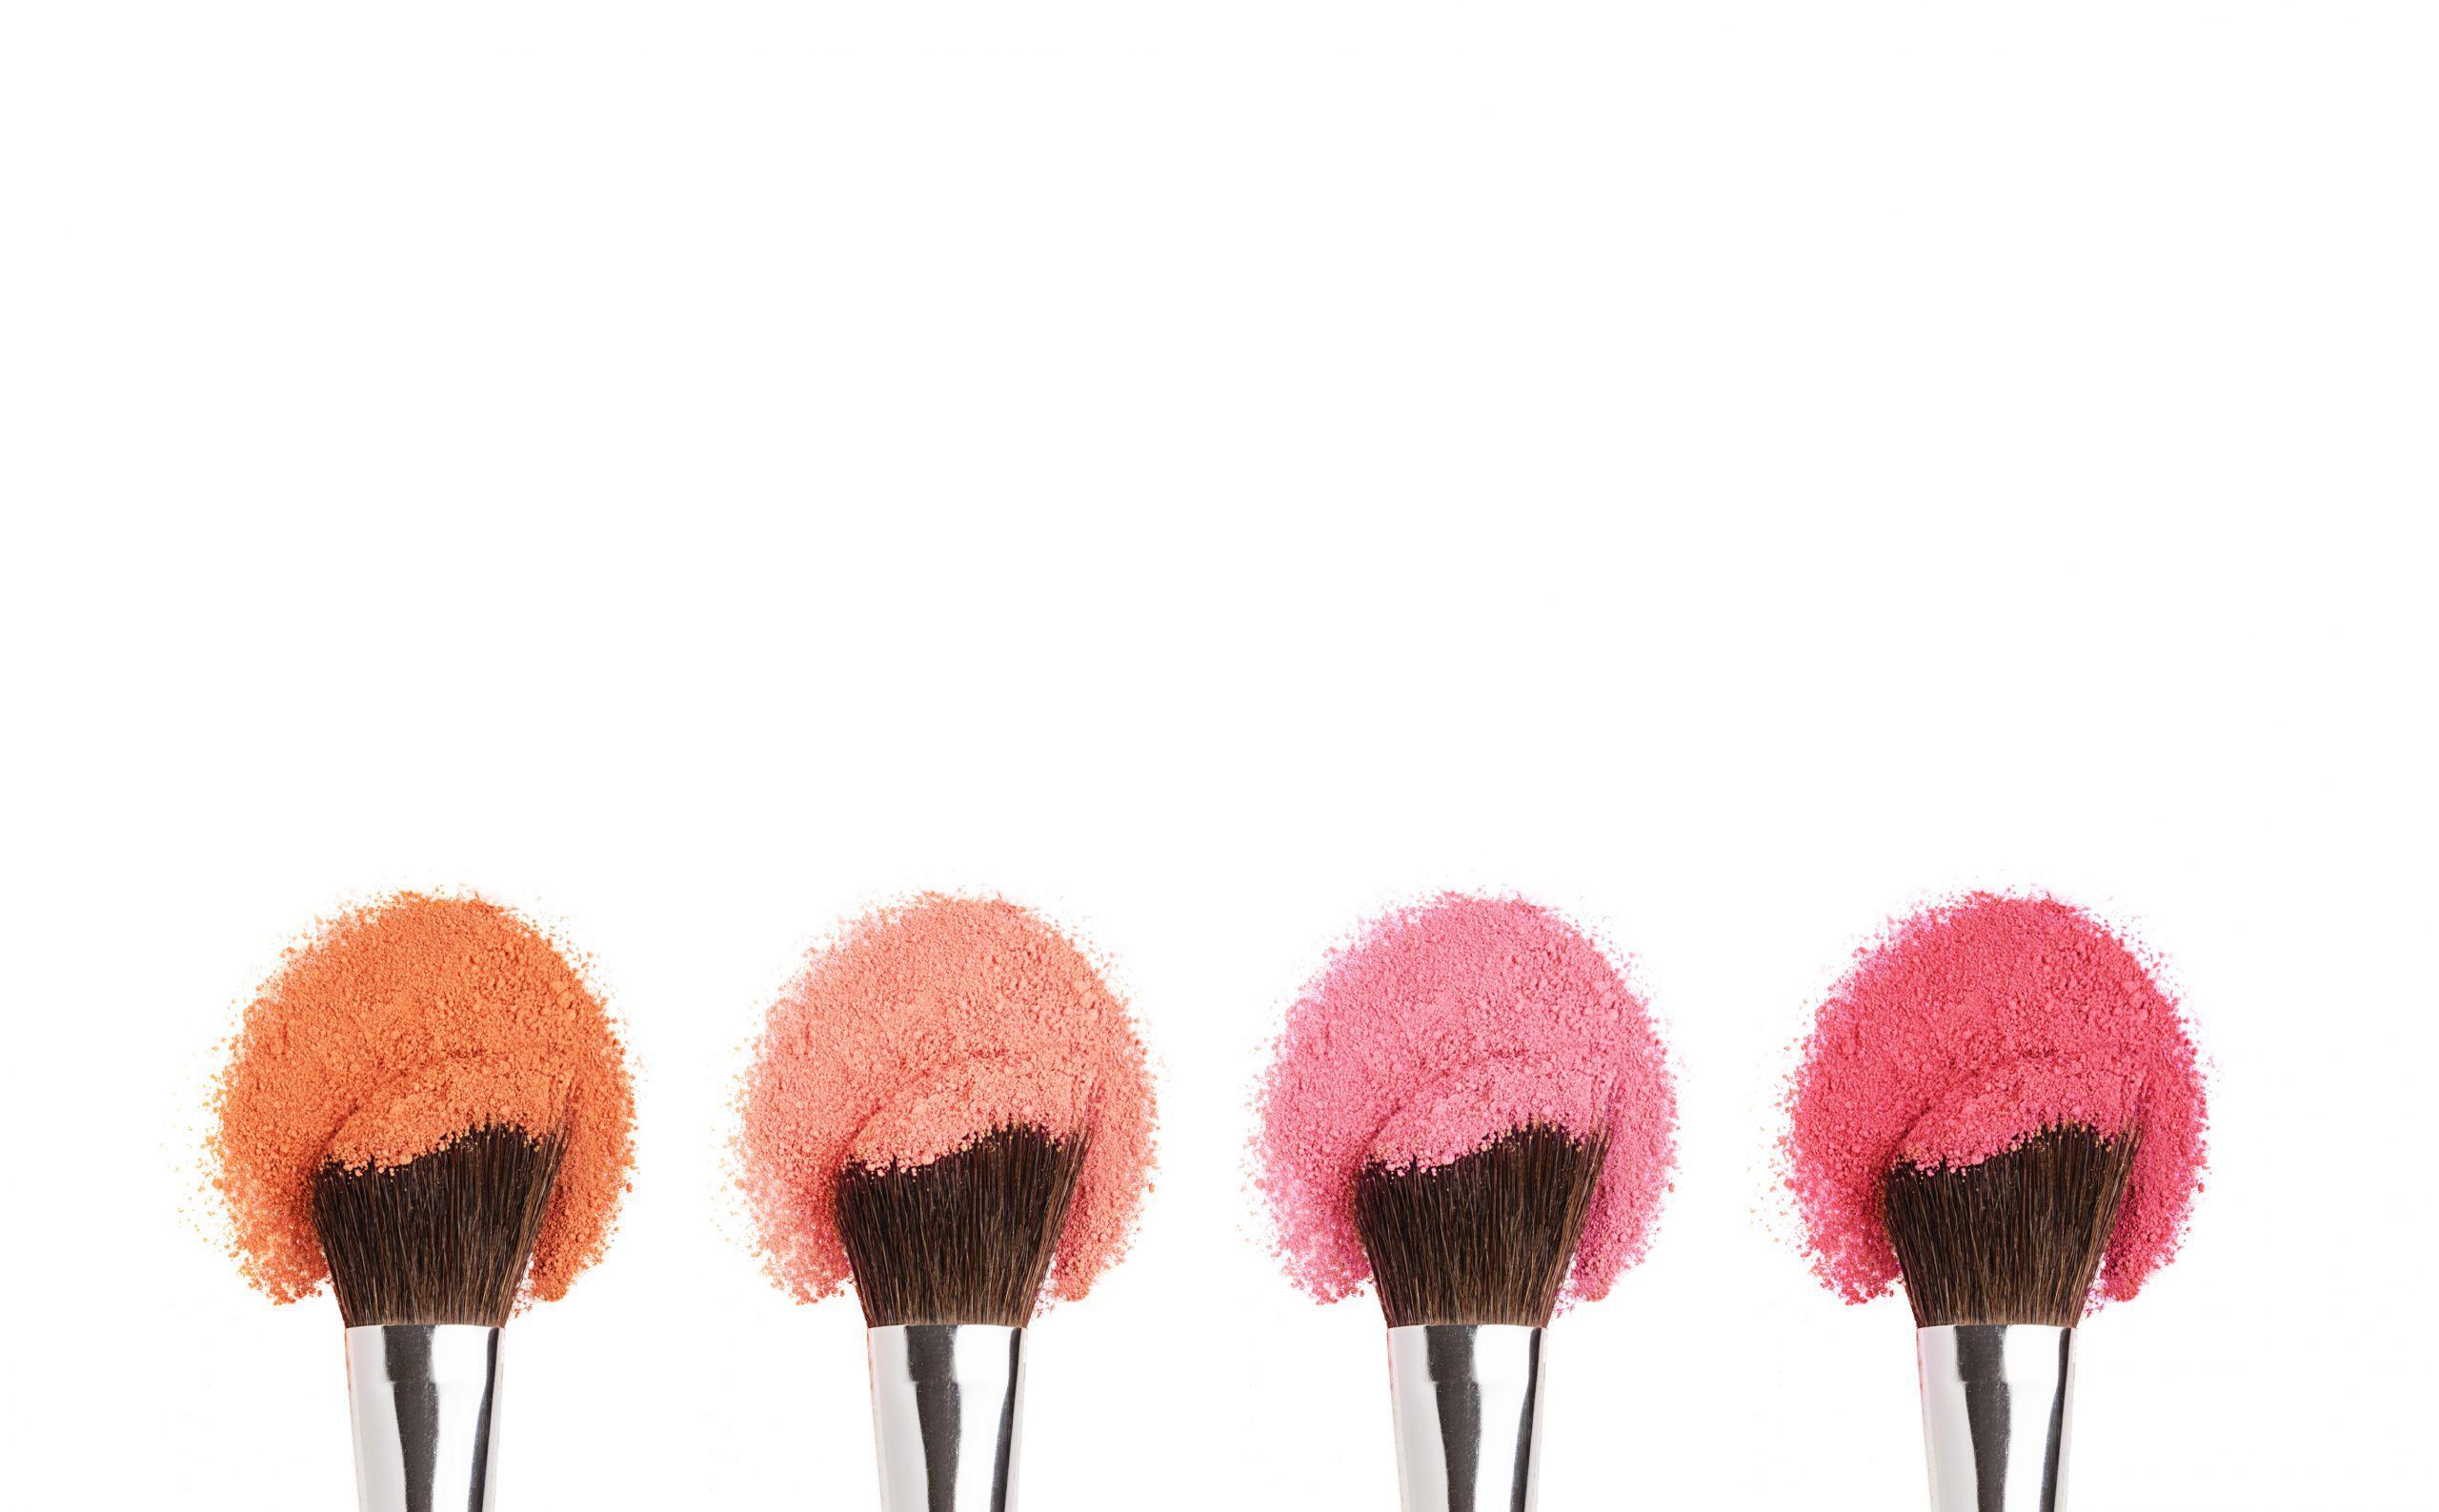 Μακιγιάζ: Οι 4 +1 βασικοί κανόνες για να βάλεις σωστά το ρουζ